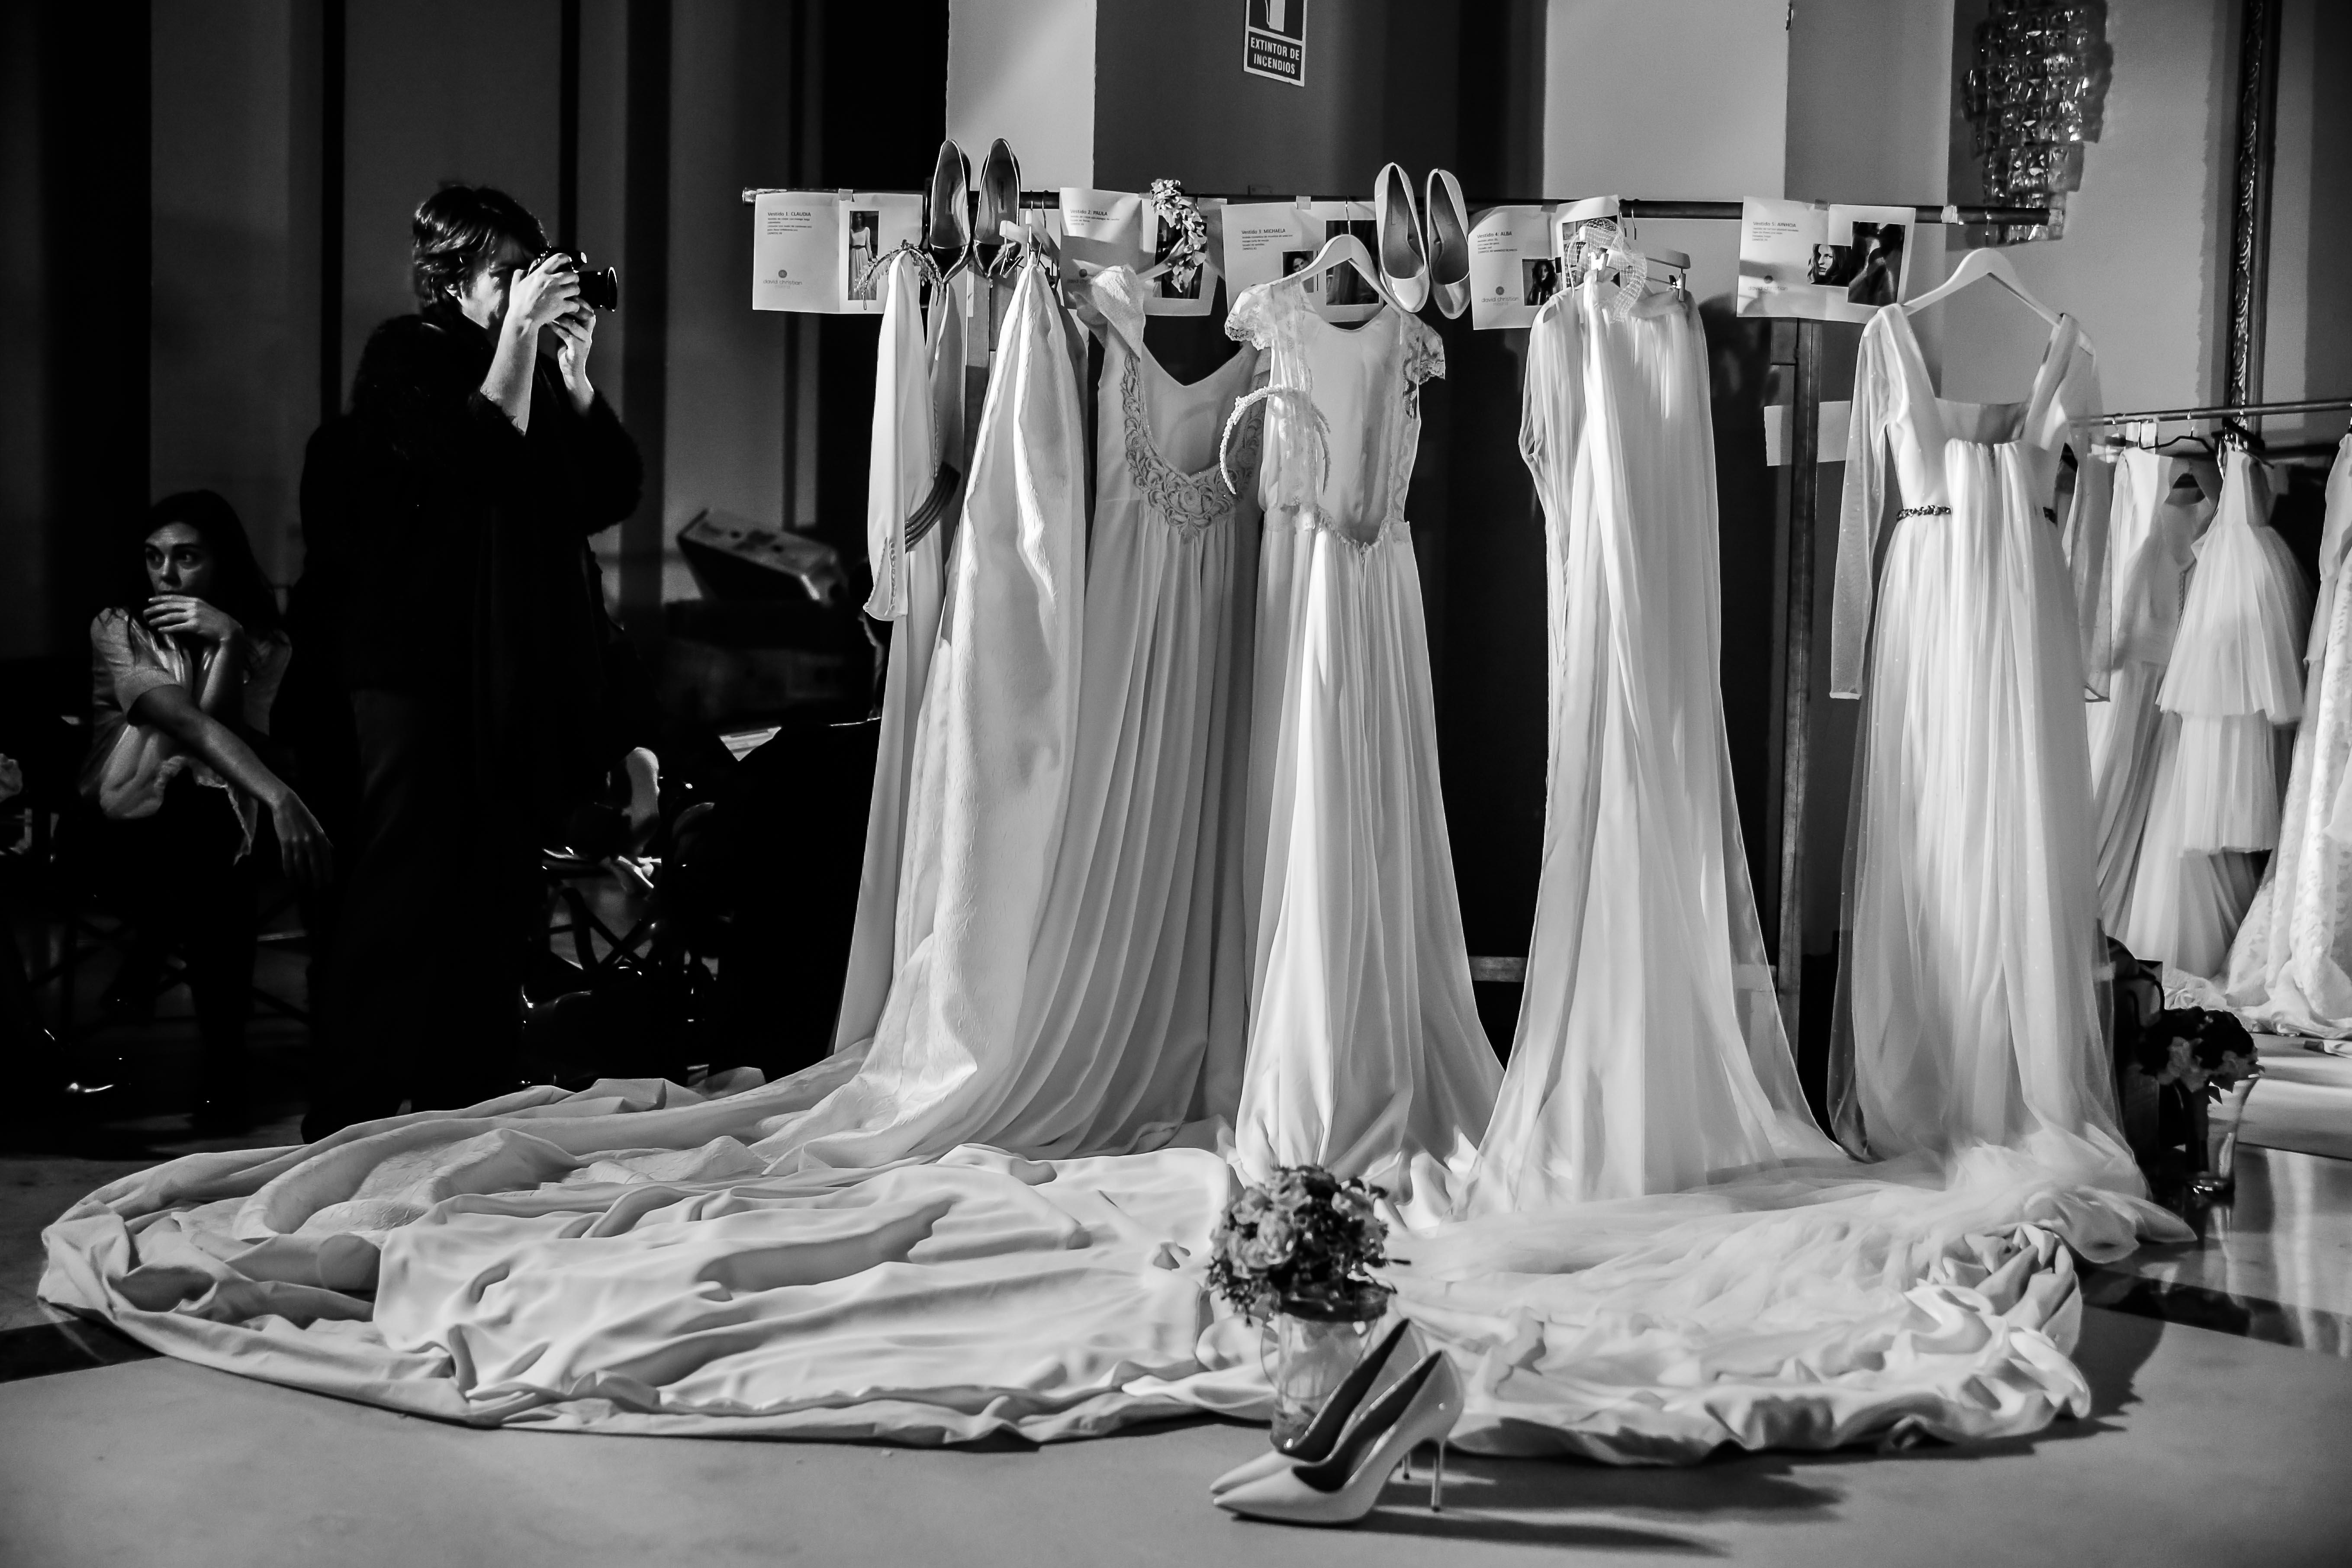 Backstage Bodabook I.Zapardiez-Photo Lazarina Kanorova-21.jpg